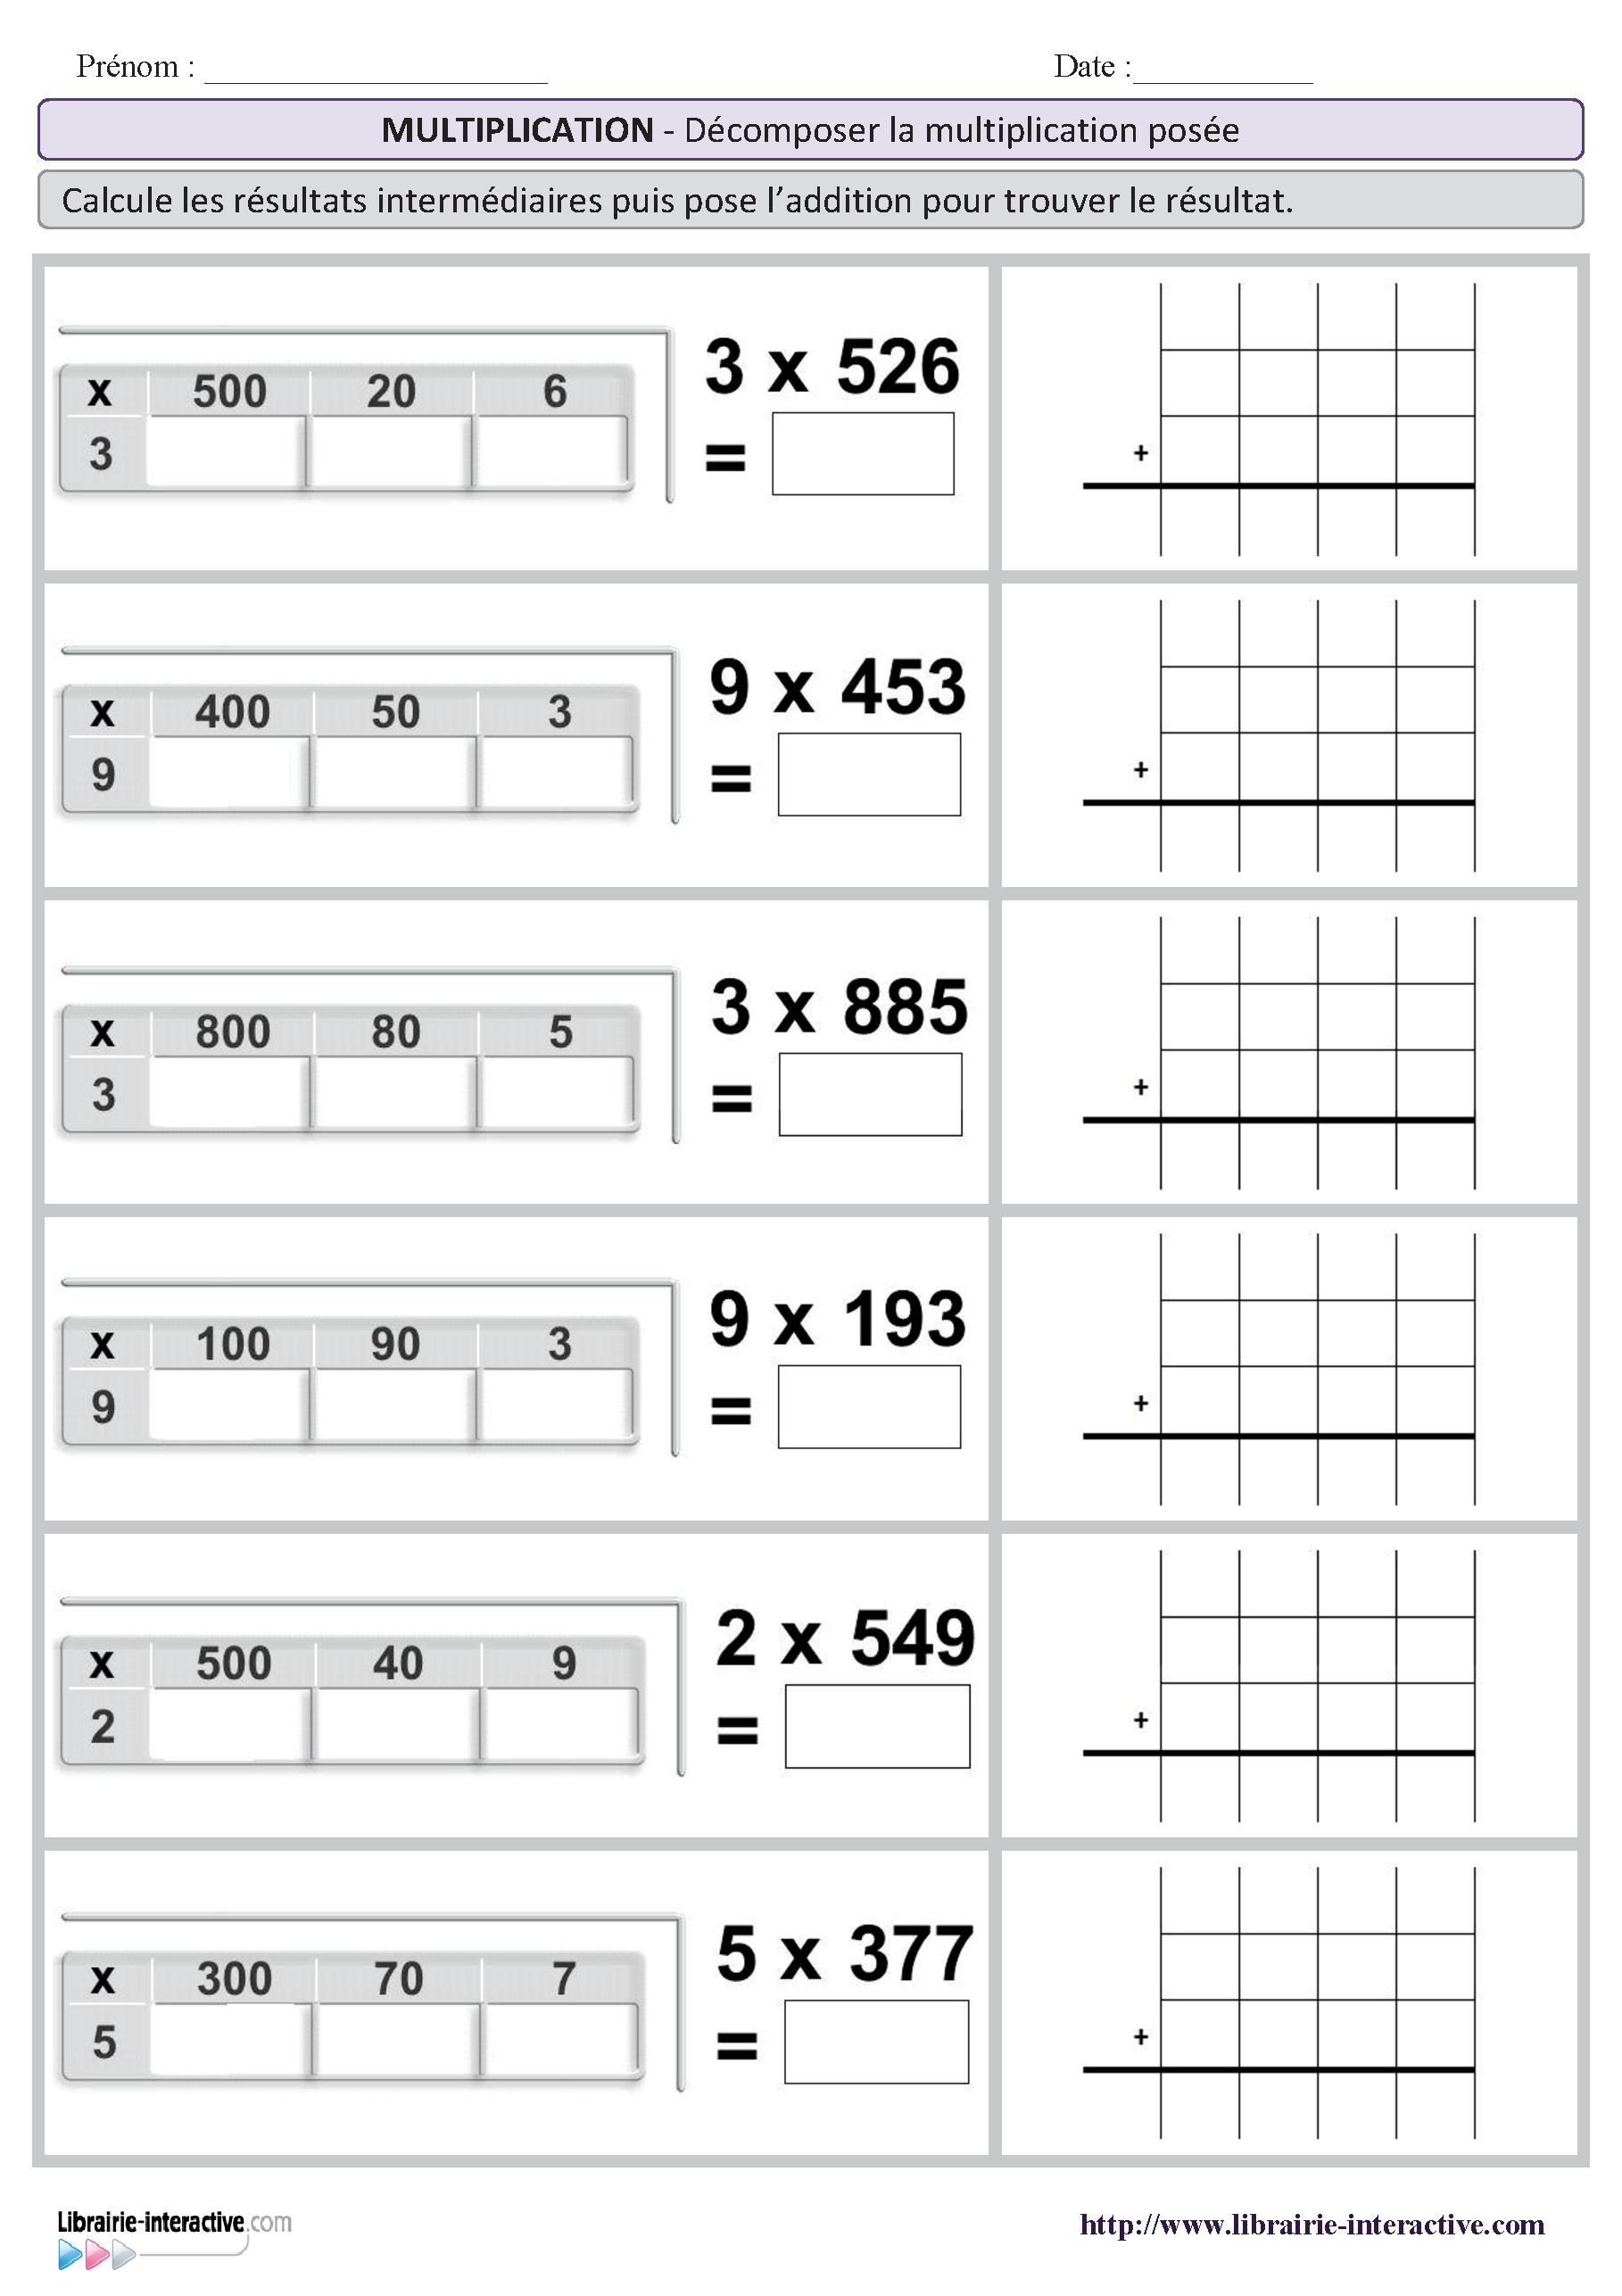 2 fiches pour comprendre plus facilement le sens de la multiplication pos e par un chiffre en. Black Bedroom Furniture Sets. Home Design Ideas